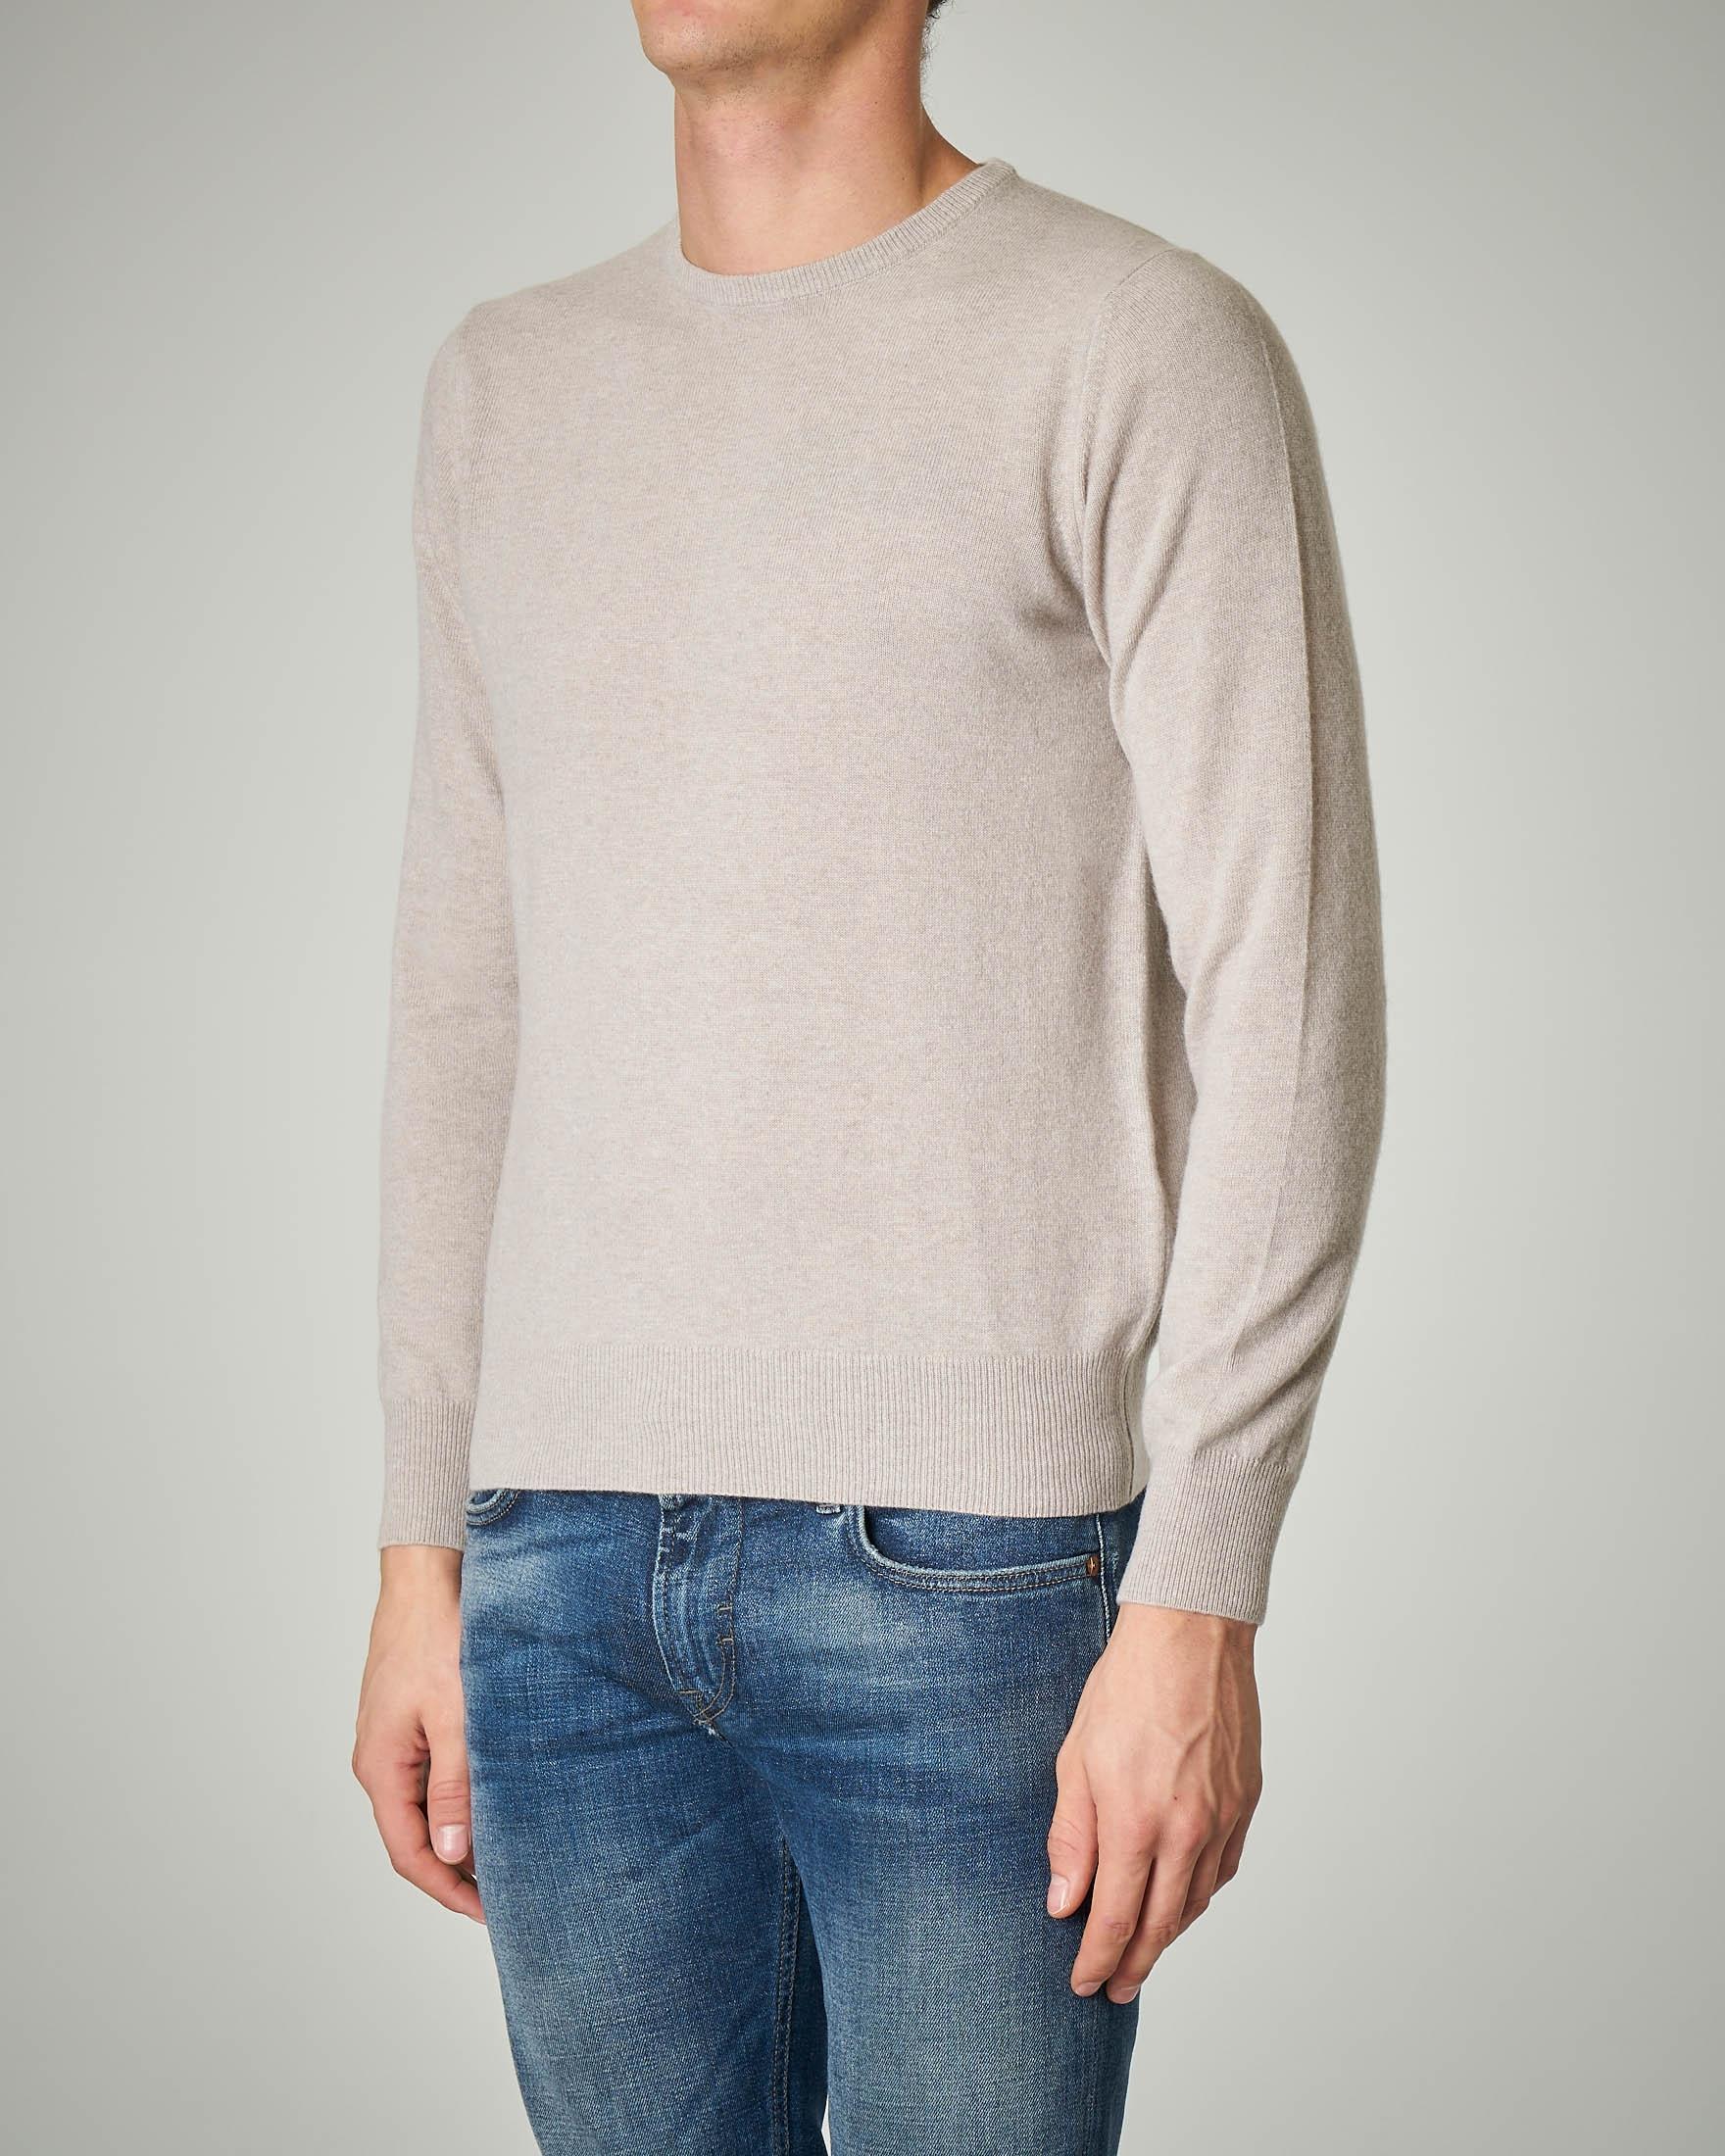 Maglia beige girocollo in lana e cachemire